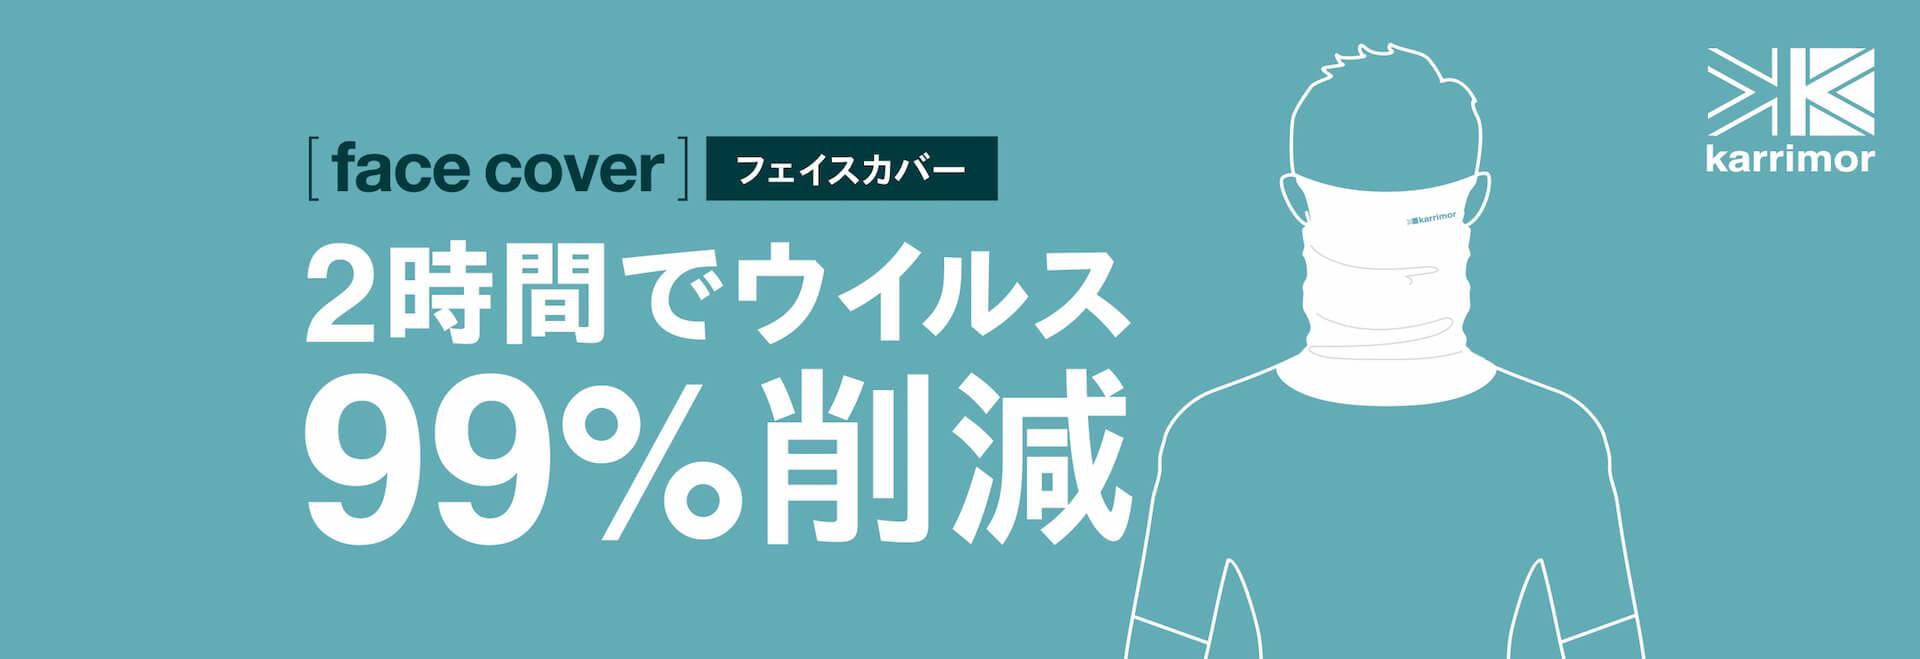 2時間でウイルスの99%が減少!ViralOff®を採用したカリマーのフェイスカバーが本日発売 life201214_karrimor_facecover_2